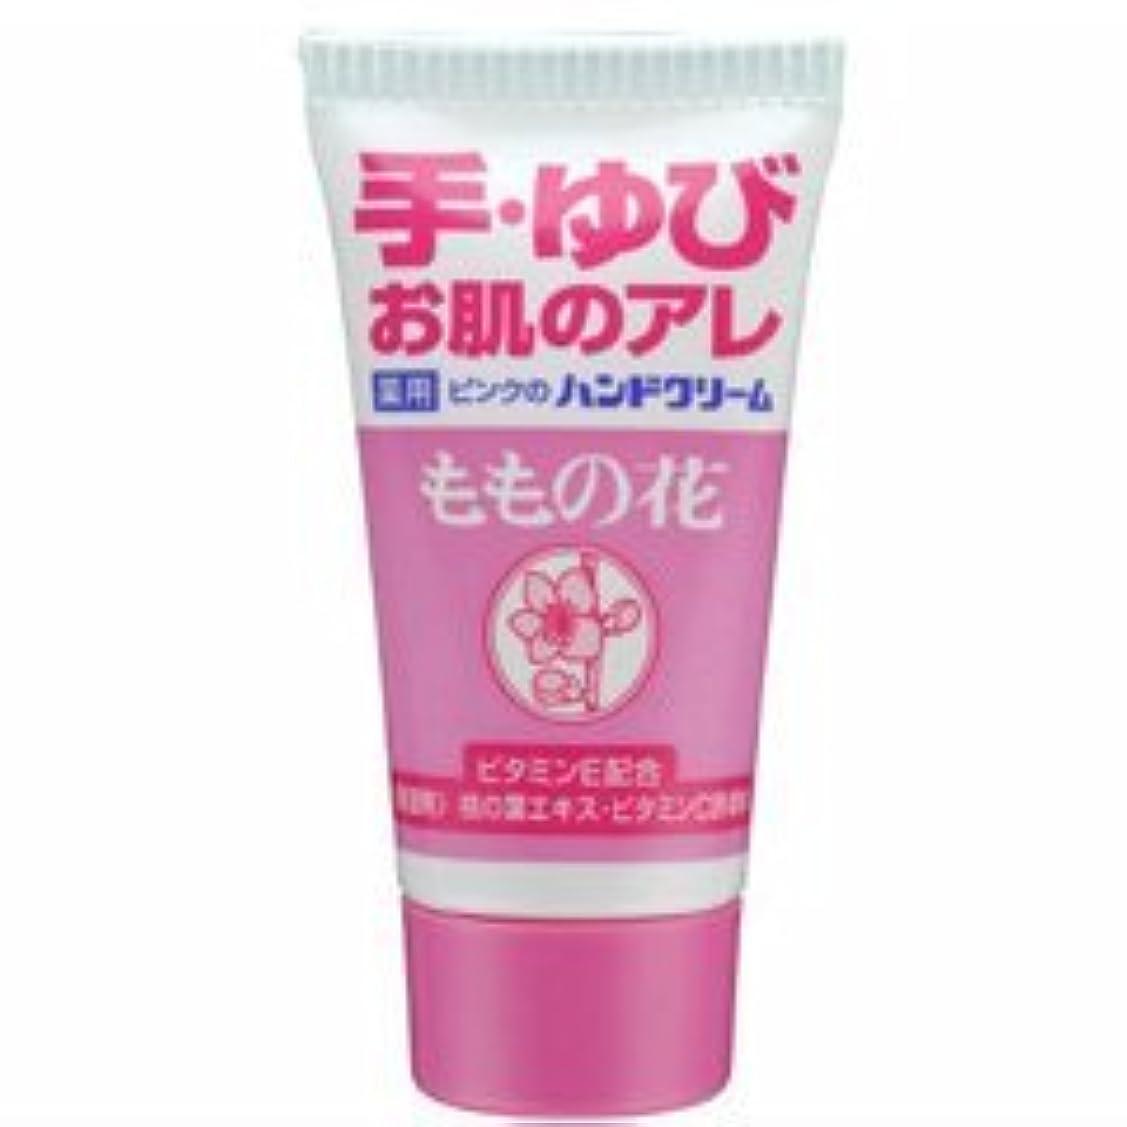 ラケット疎外レンチ【オリヂナル】ハンドクリーム ももの花 チューブ 30g